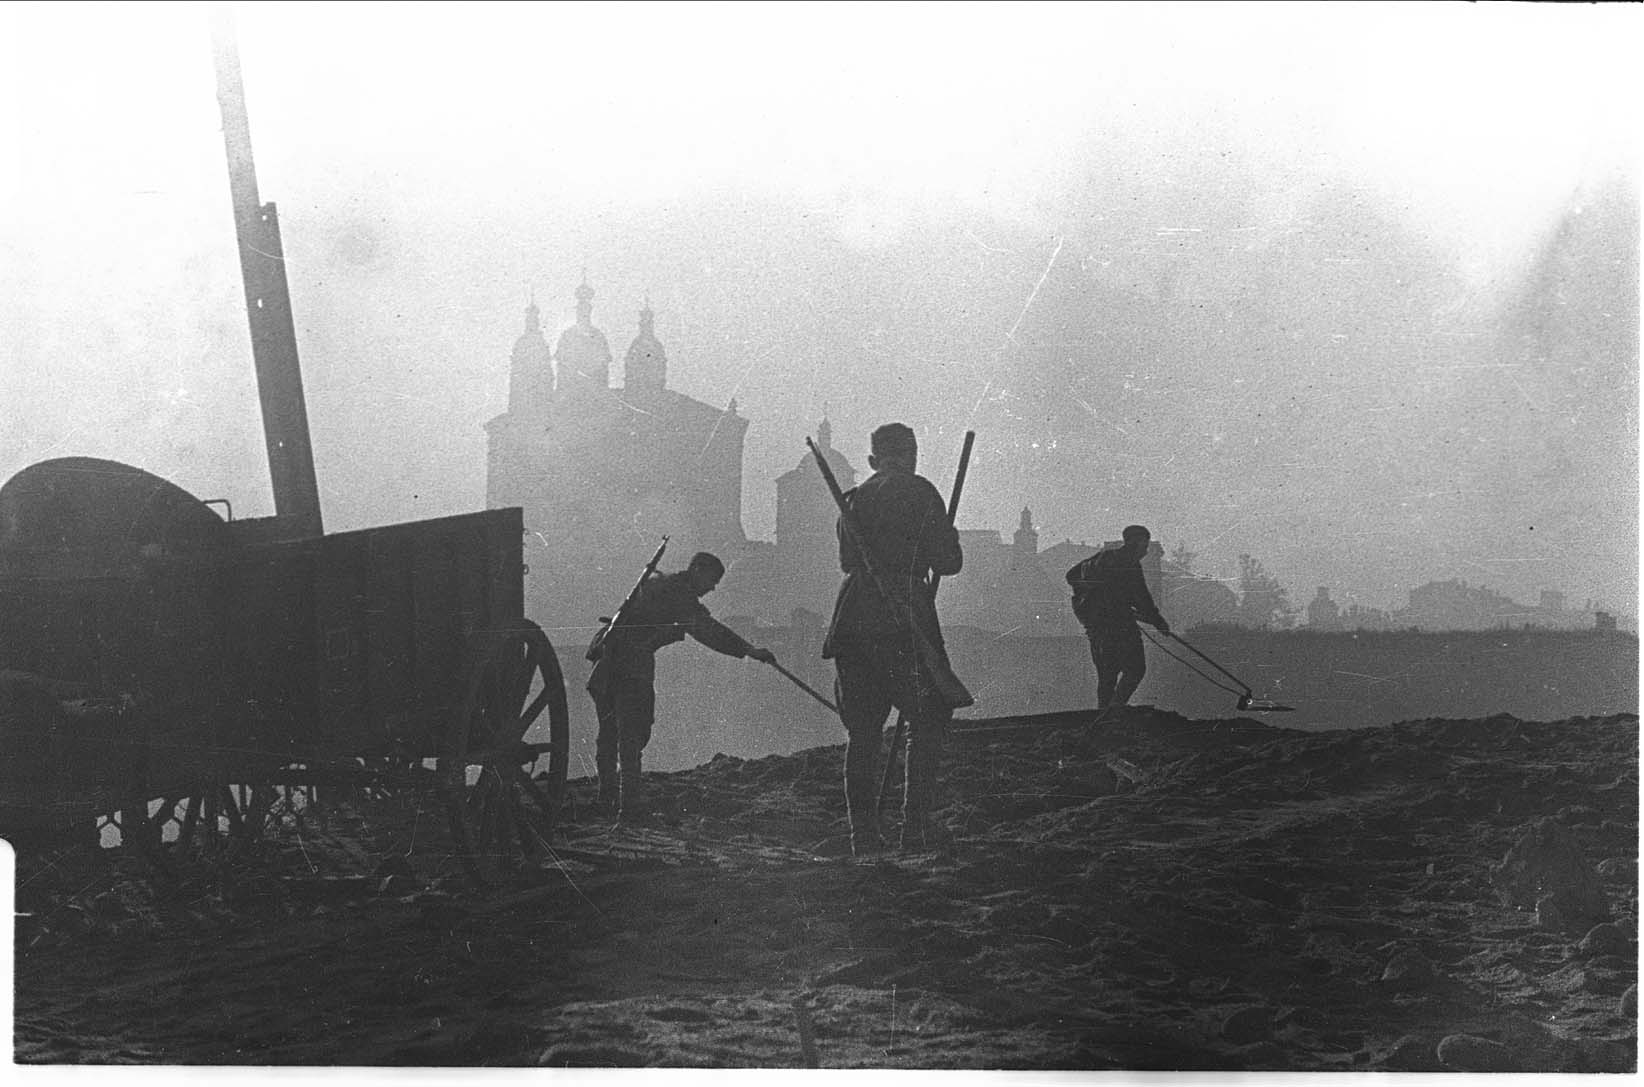 смоленск в годы войны 1941-1945 фото